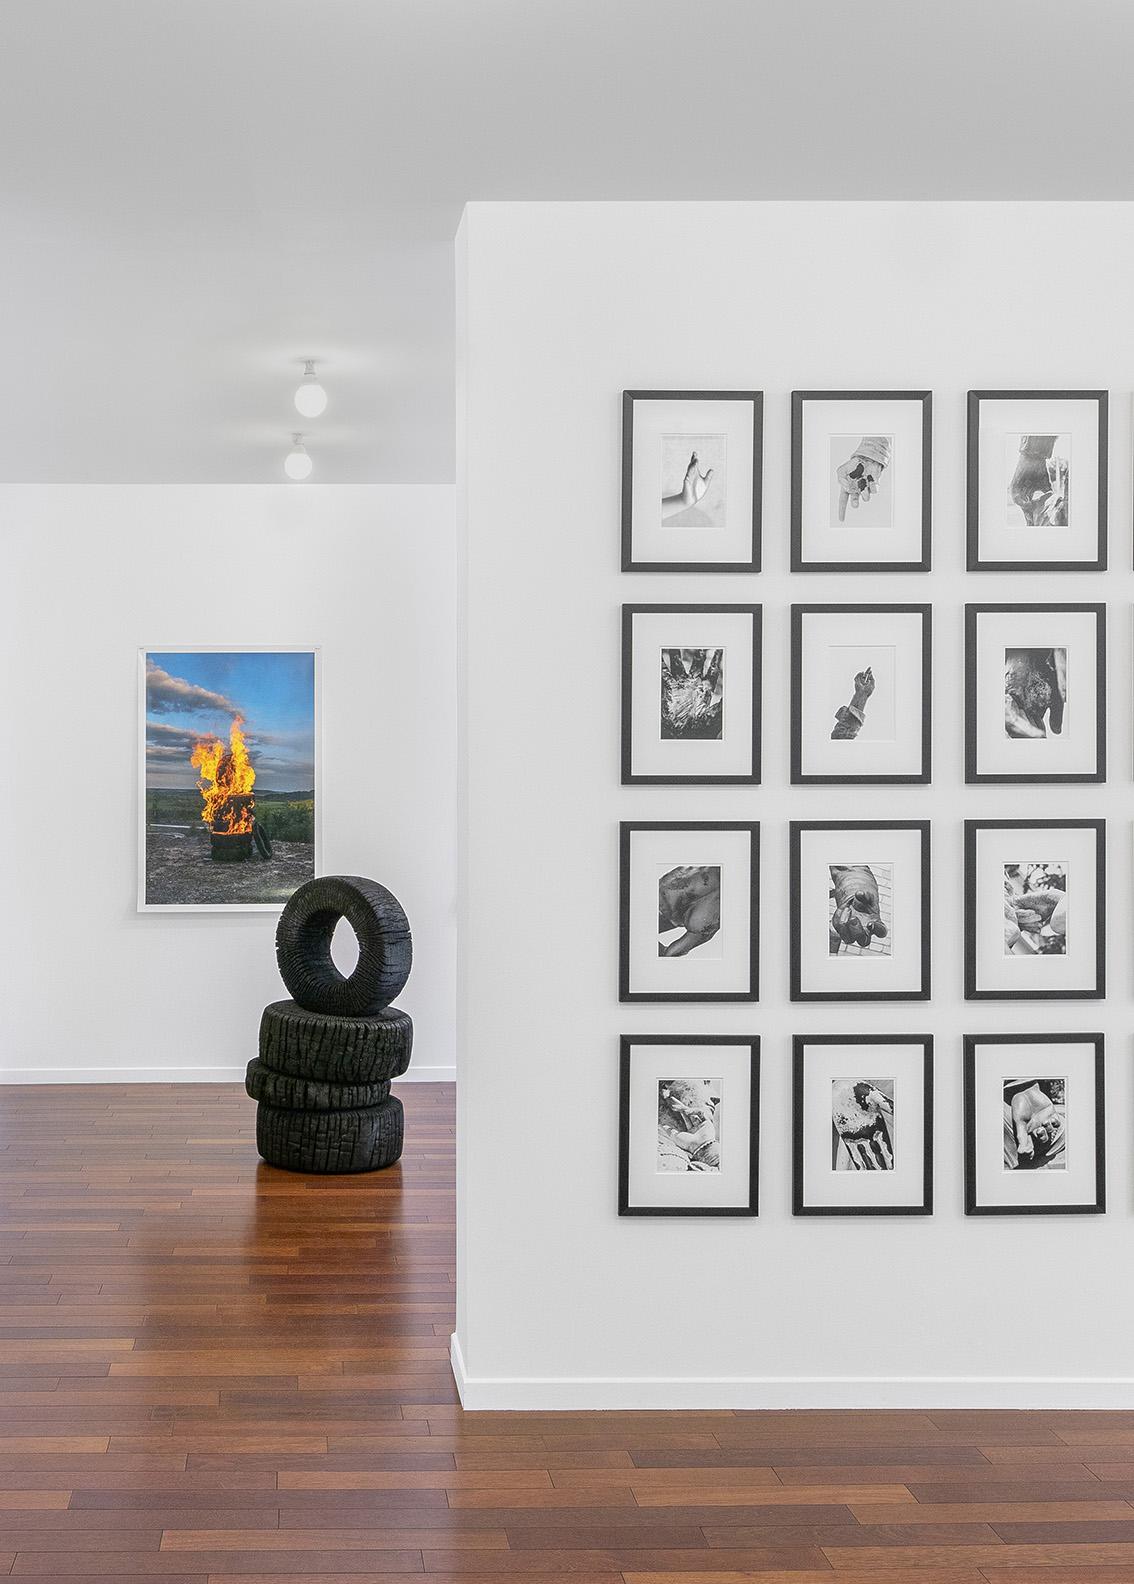 Vue de l'exposition «Eight O'Clock in the Morning: Ferenc Gróf», qui se déroule jusqu'au samedi 3 avril à la galerie mfc-michèle didier